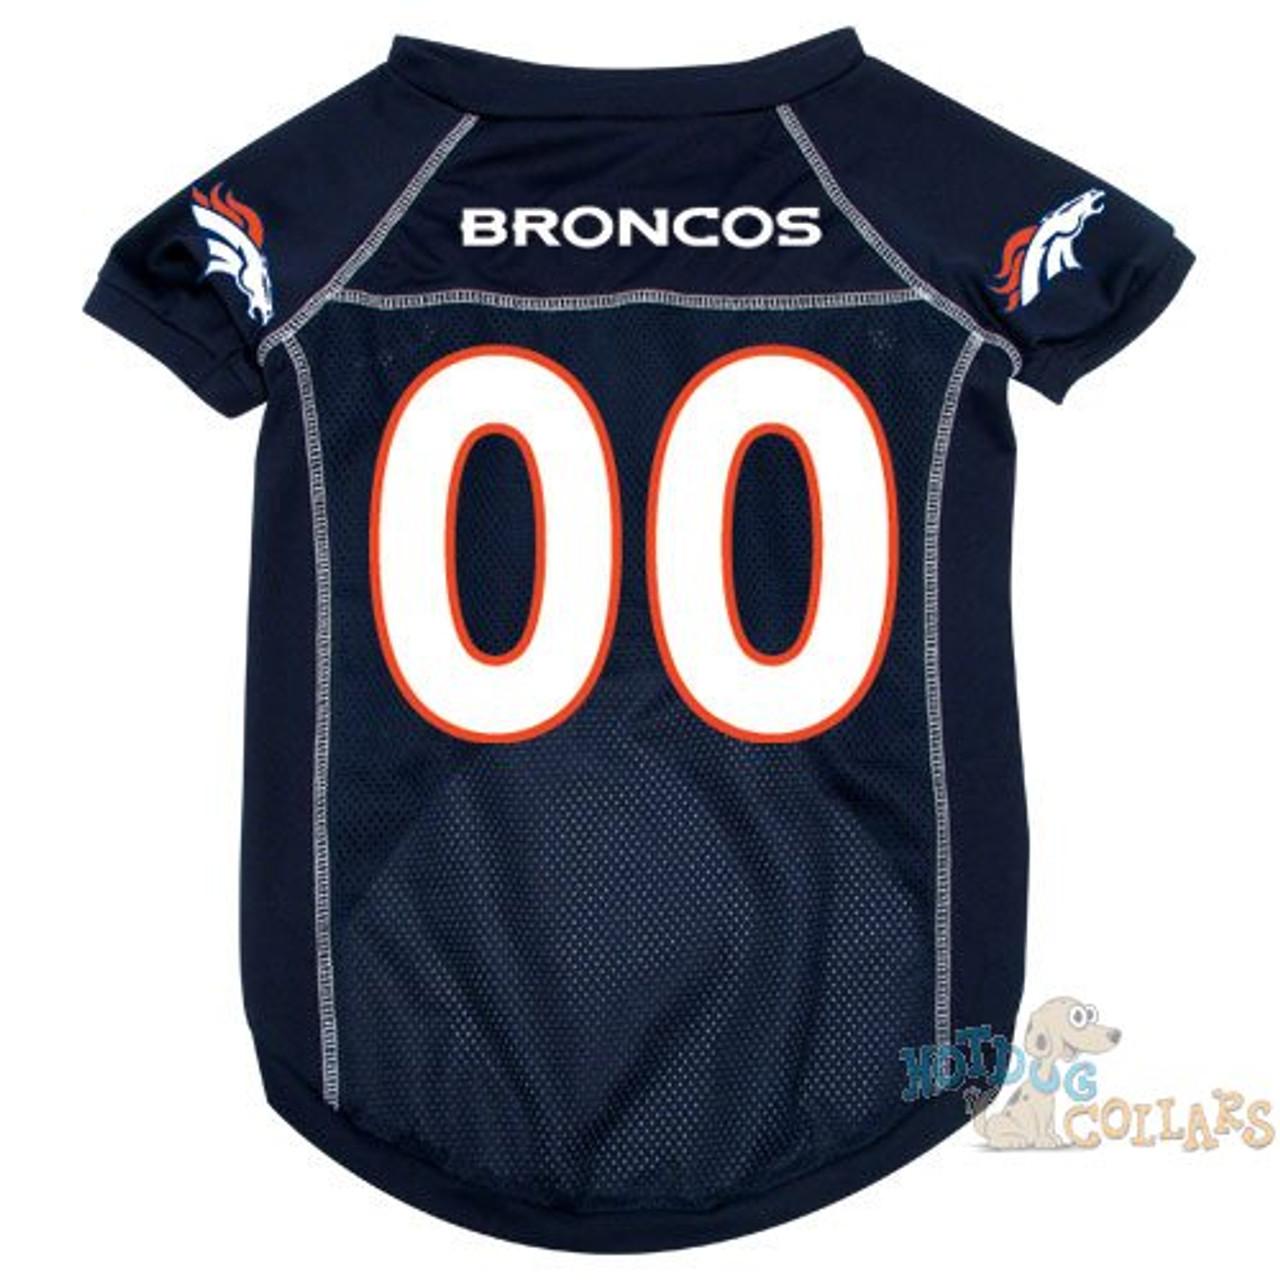 denver broncos authentic jerseys cheap